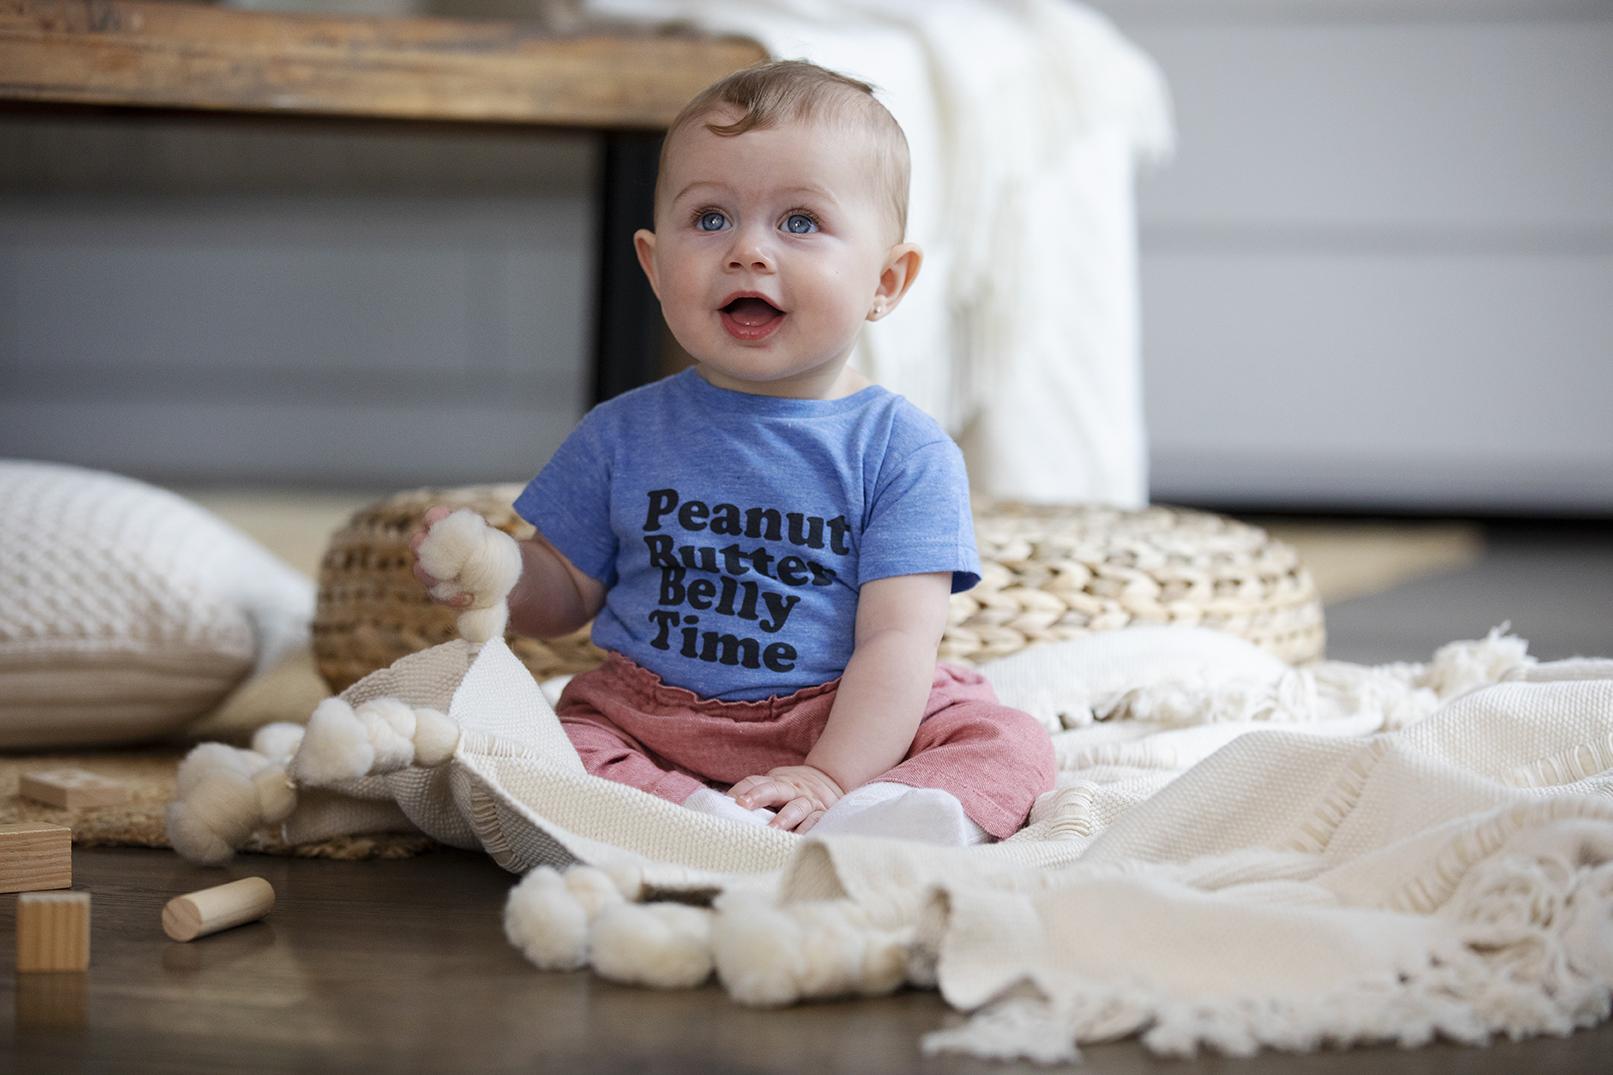 Baby wearing PBBT tee